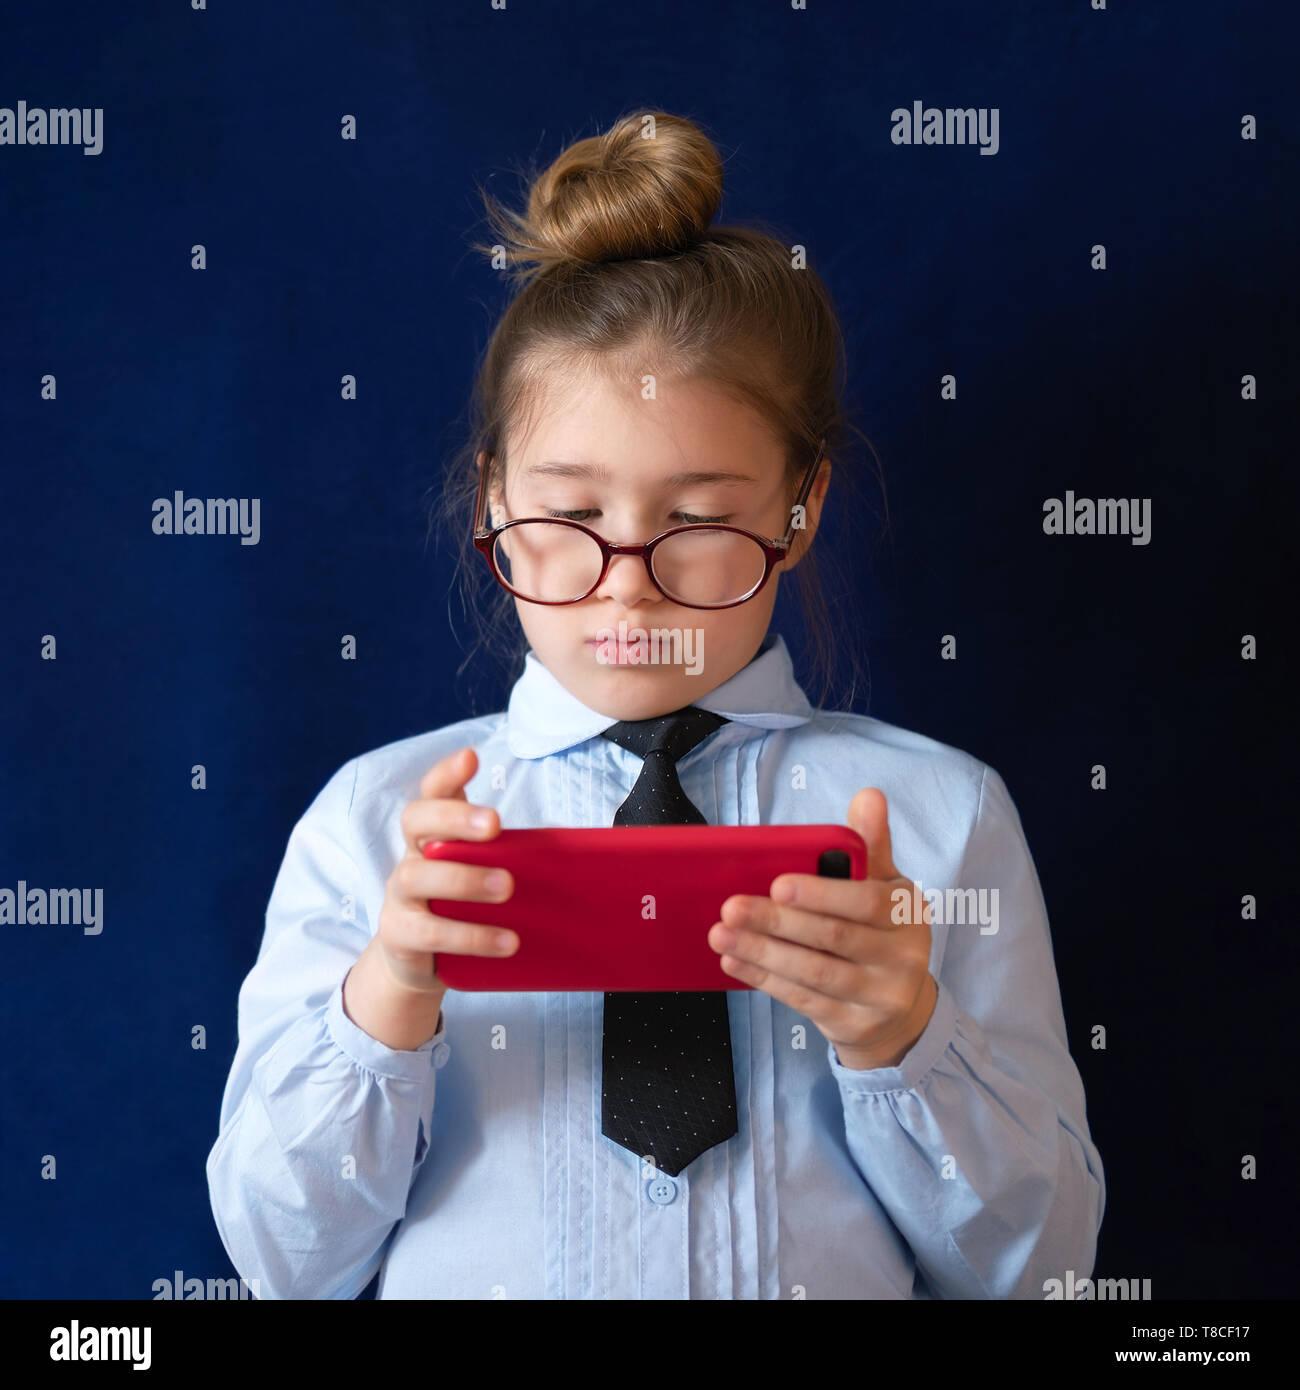 Estudiante de grado elemental la celebración de smartphone. Expressionless escolares en uniforme y espectáculos charlando. Little Schoolgirl con teléfono móvil sobre fondo azul oscuro. Pasatiempo moderno, estudiando romper Imagen De Stock